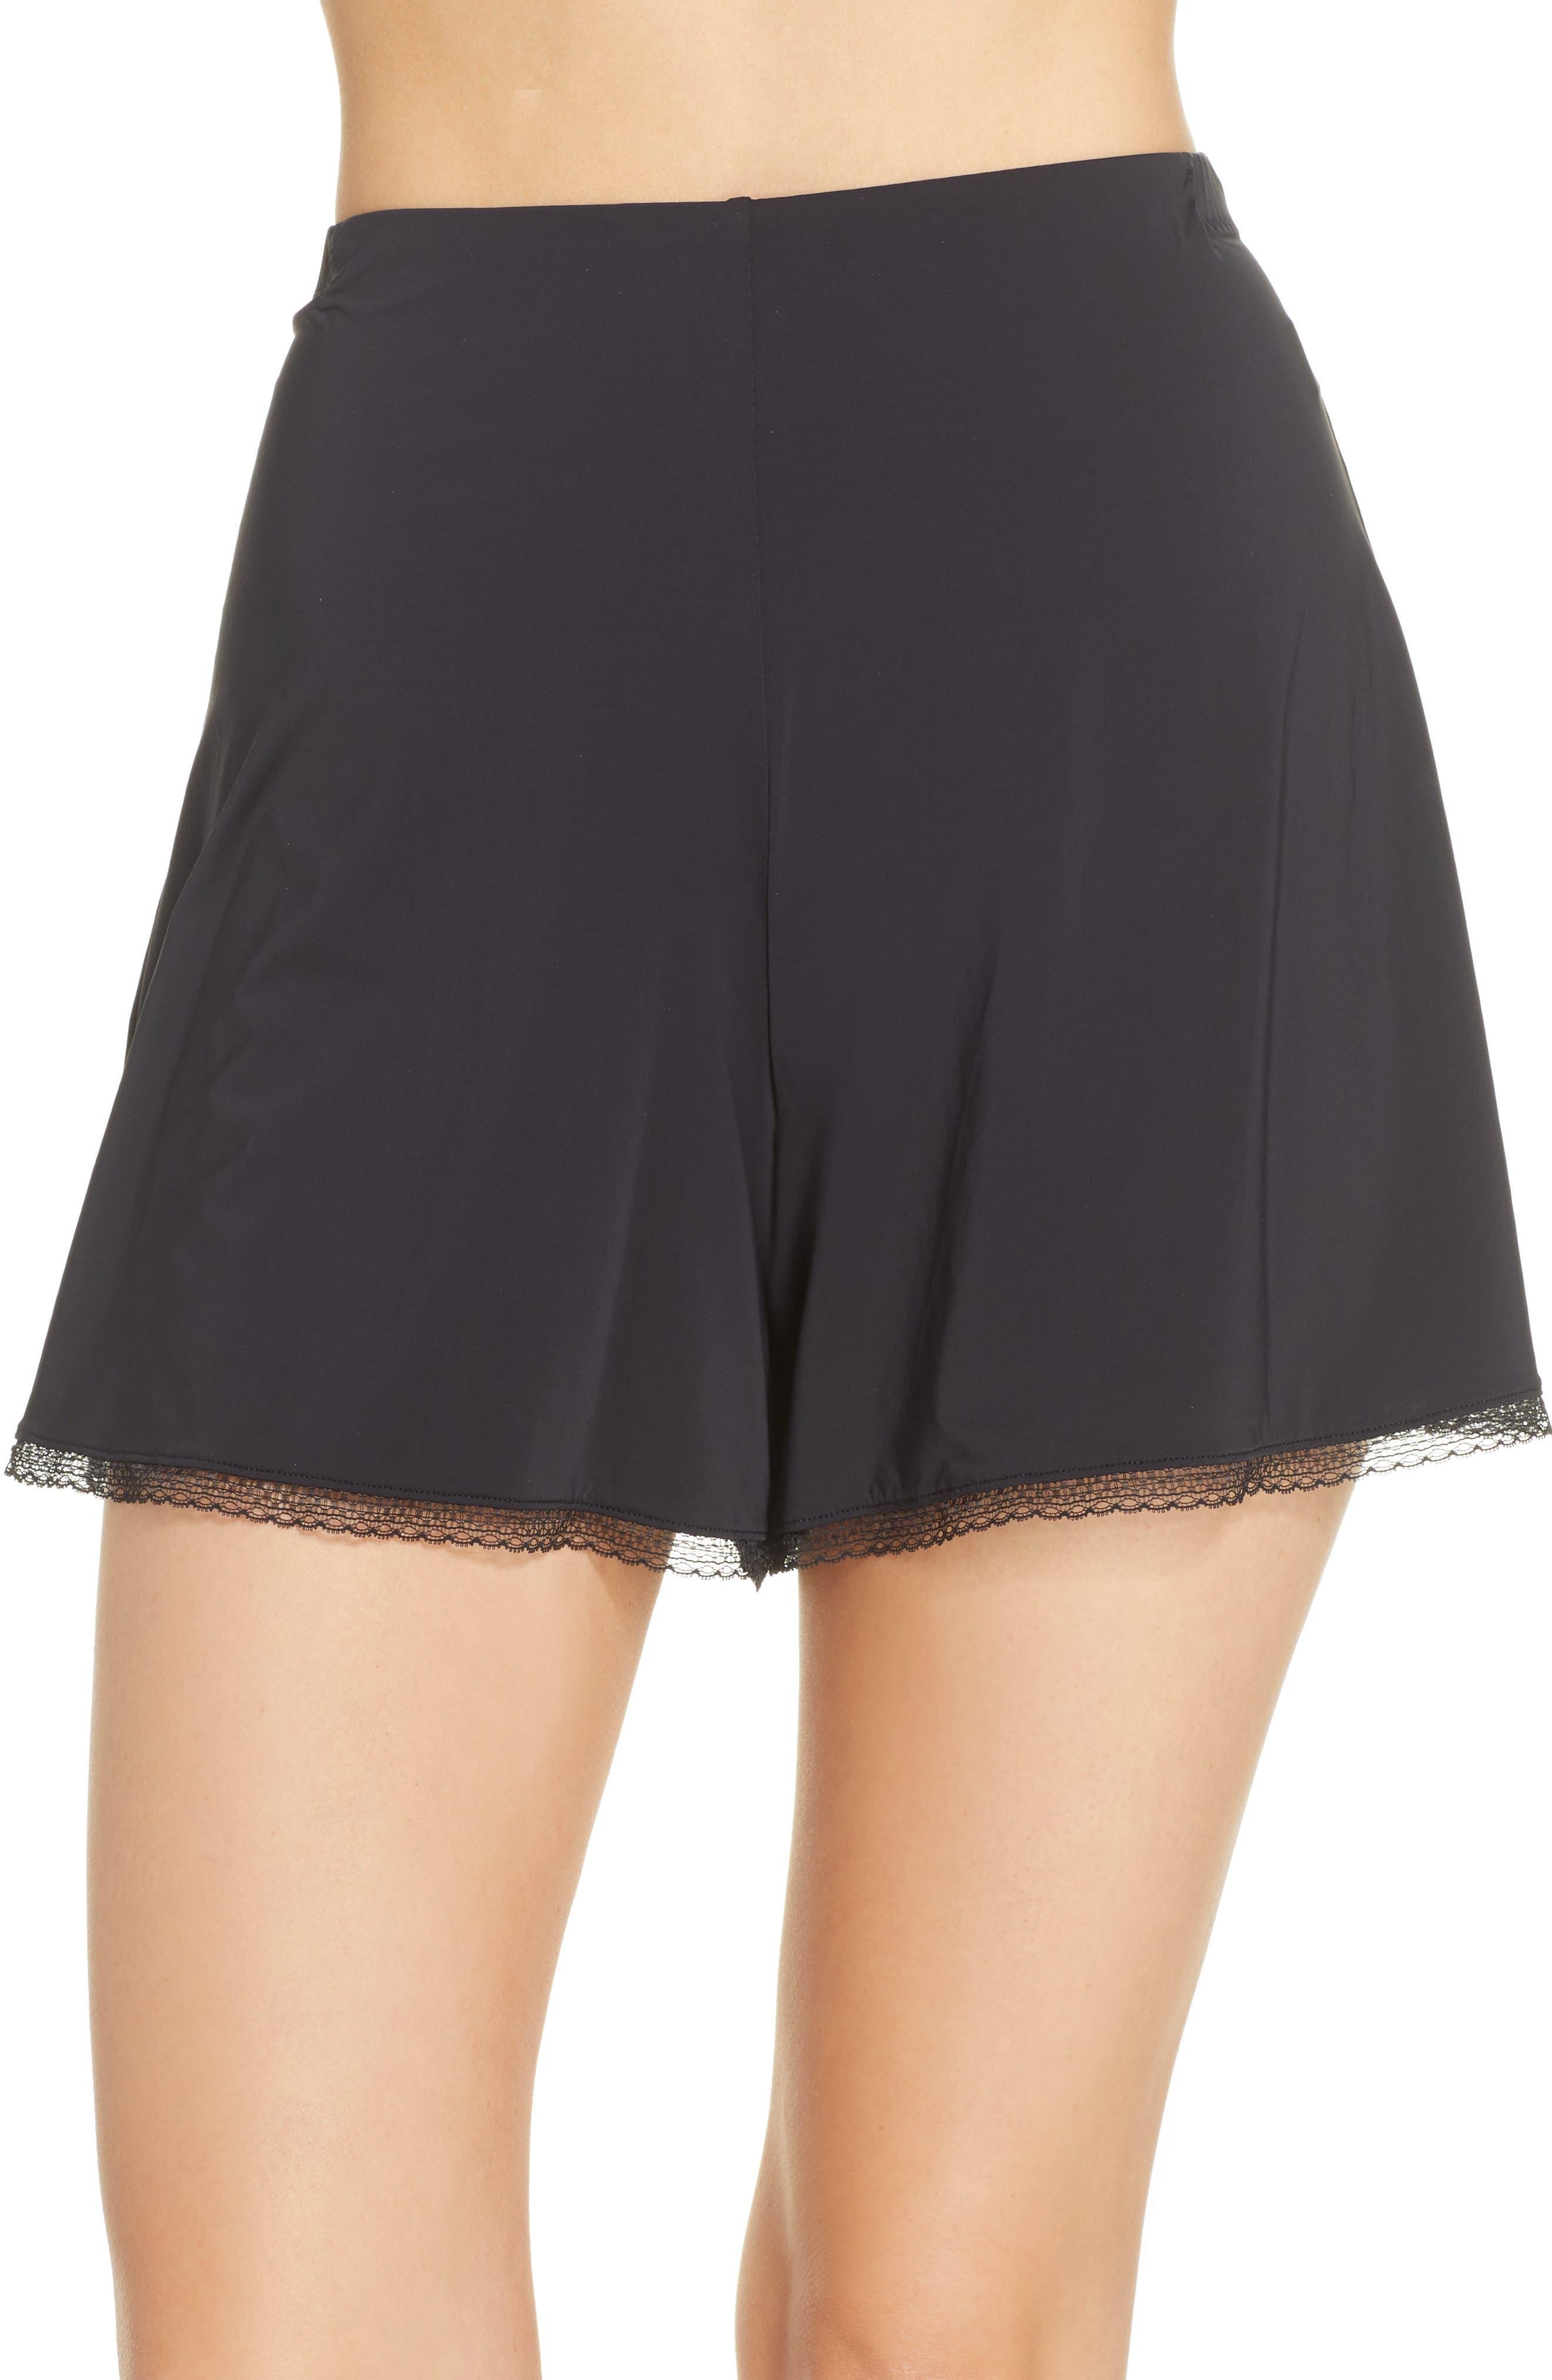 Details about  /Natori Women/'s Benefit Half Slip Short